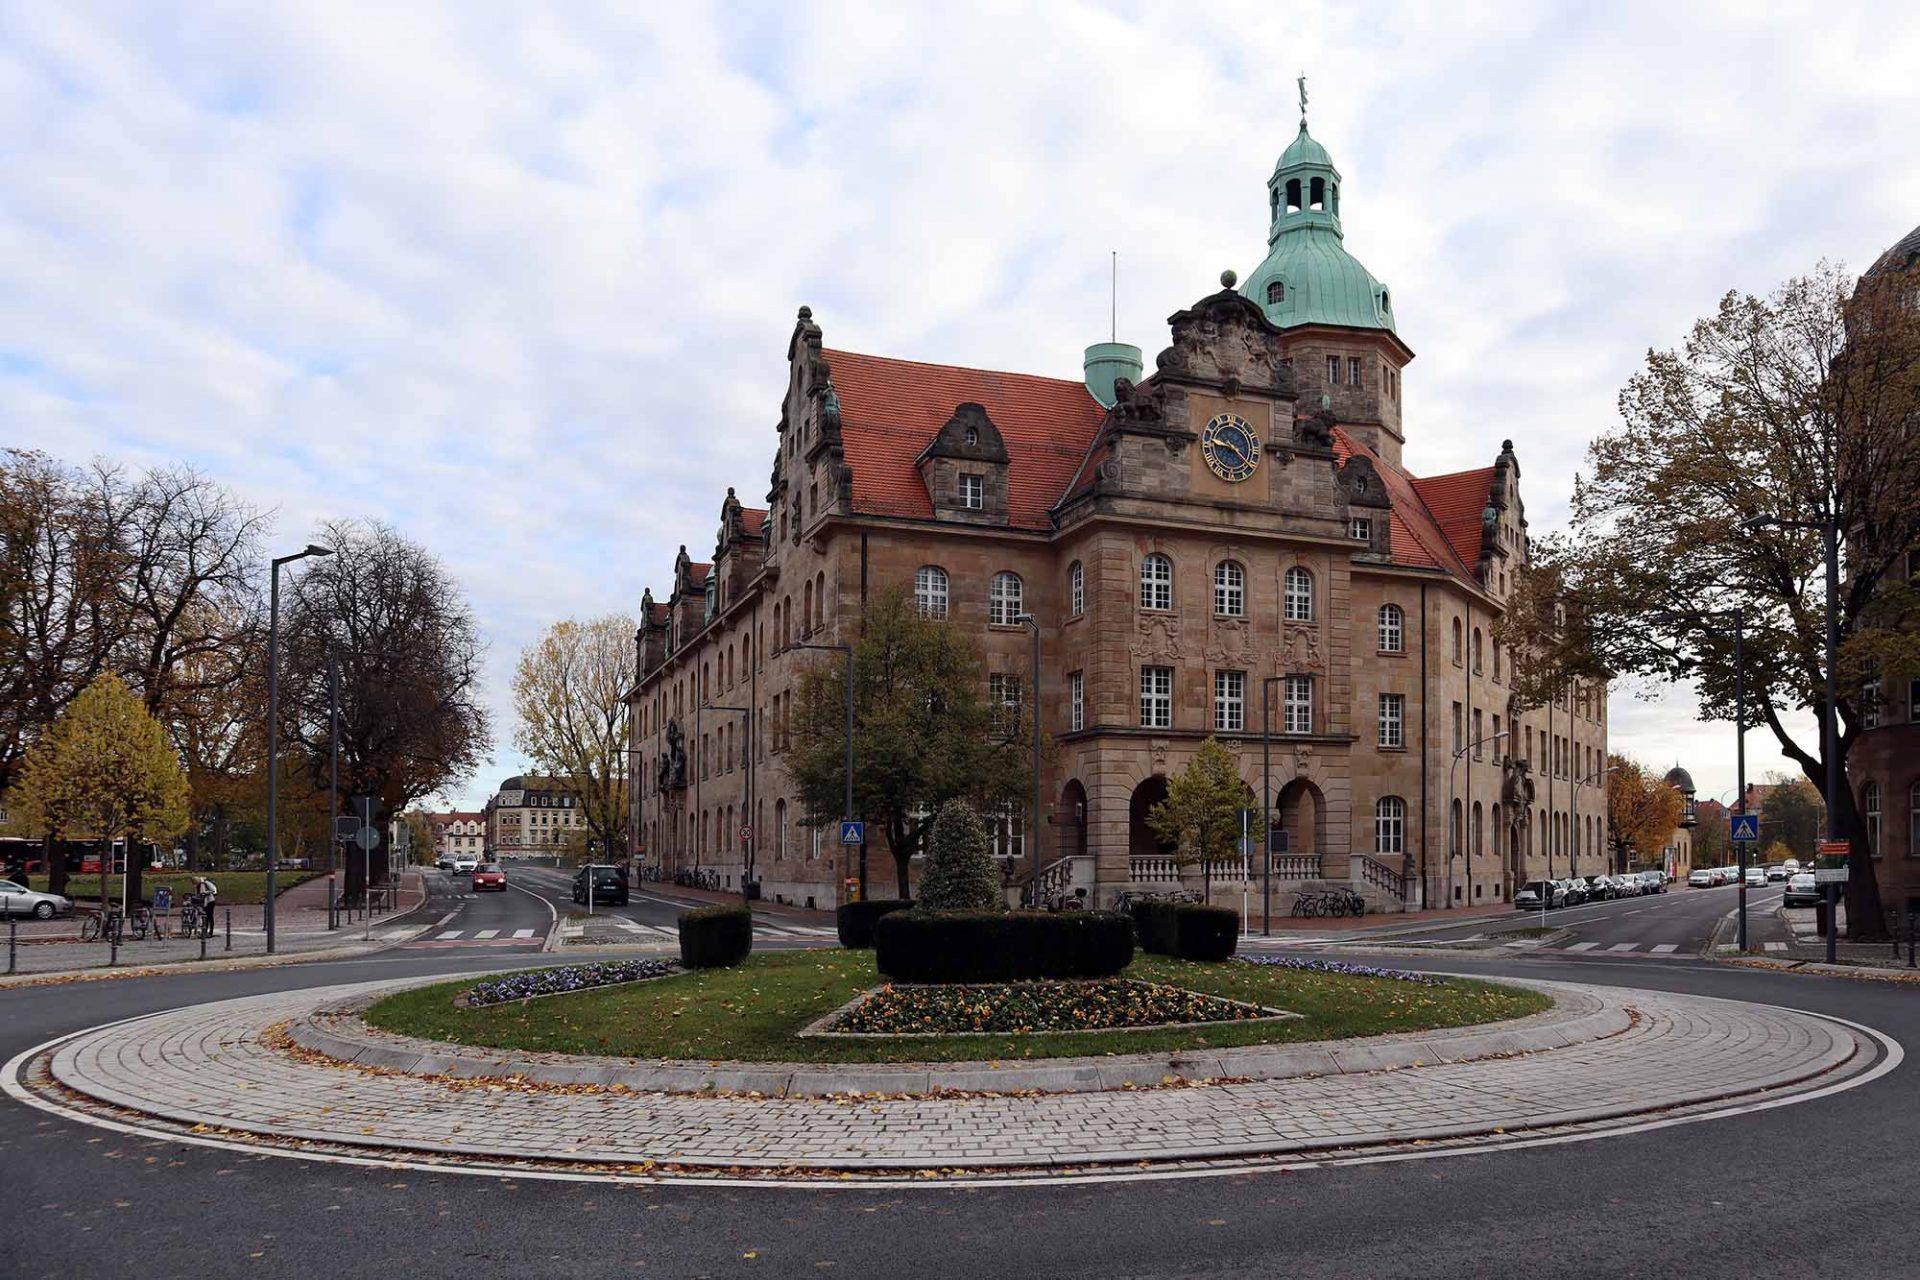 Wilhelmsplatz. Nach Umbauten zog 1995 das Amtsgericht Bamberg ein. In der ehemaligen Oberpostdirektion (Entwurf: Fritz Fuchsenberger, Fertigstellung: 1906) war auch das Fernmeldeamt. Heute wird es von der Universität genutzt.